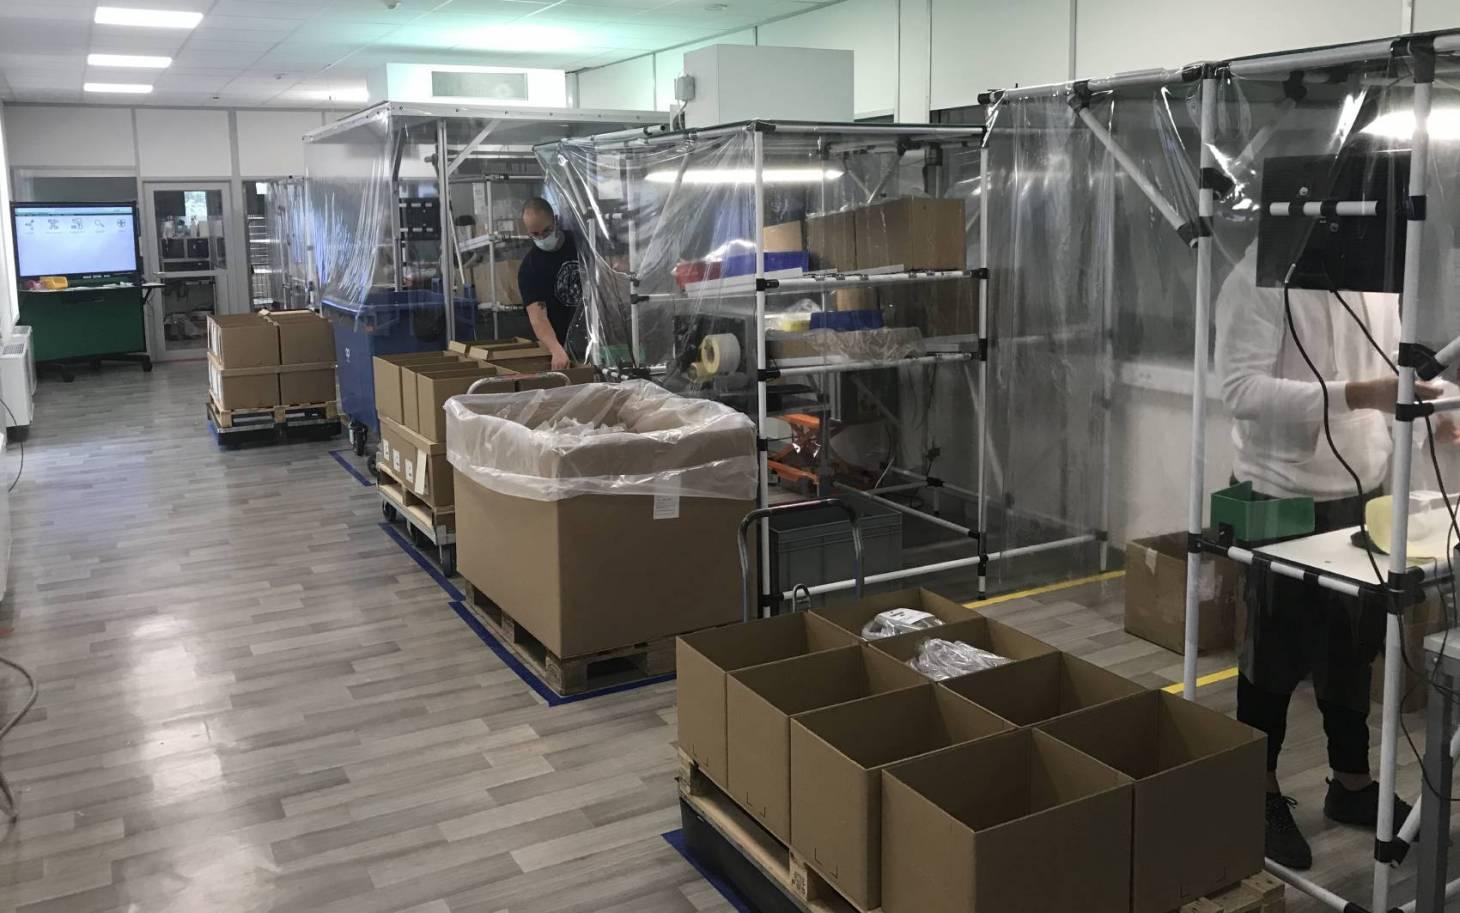 Respirateurs: Schneider Electric dans la boucle